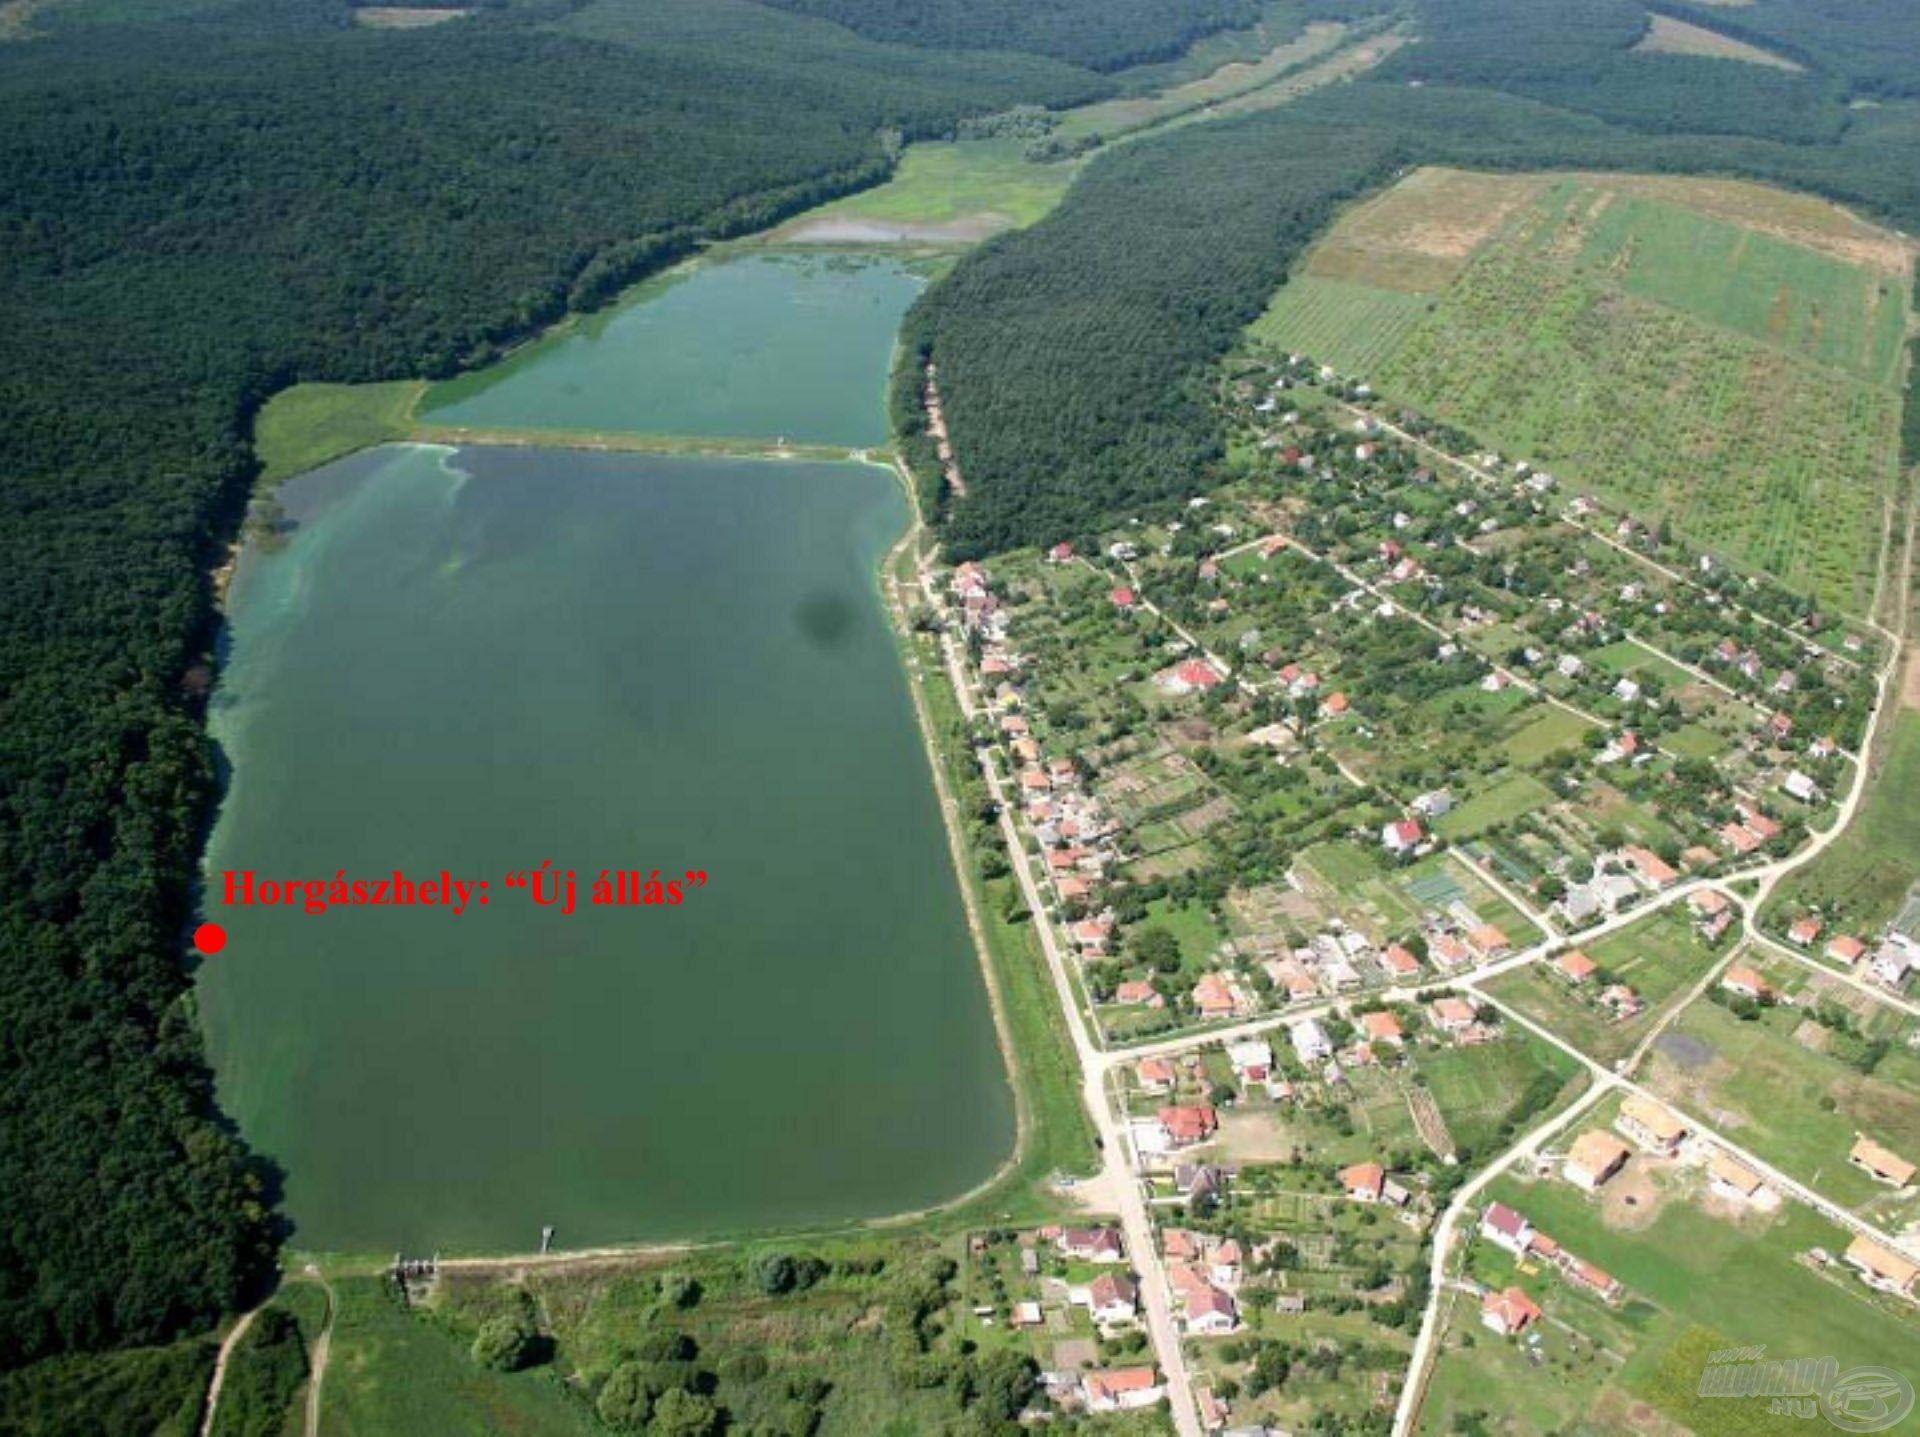 Horgászhelyemet a tó mély vizű részén választottam ki…